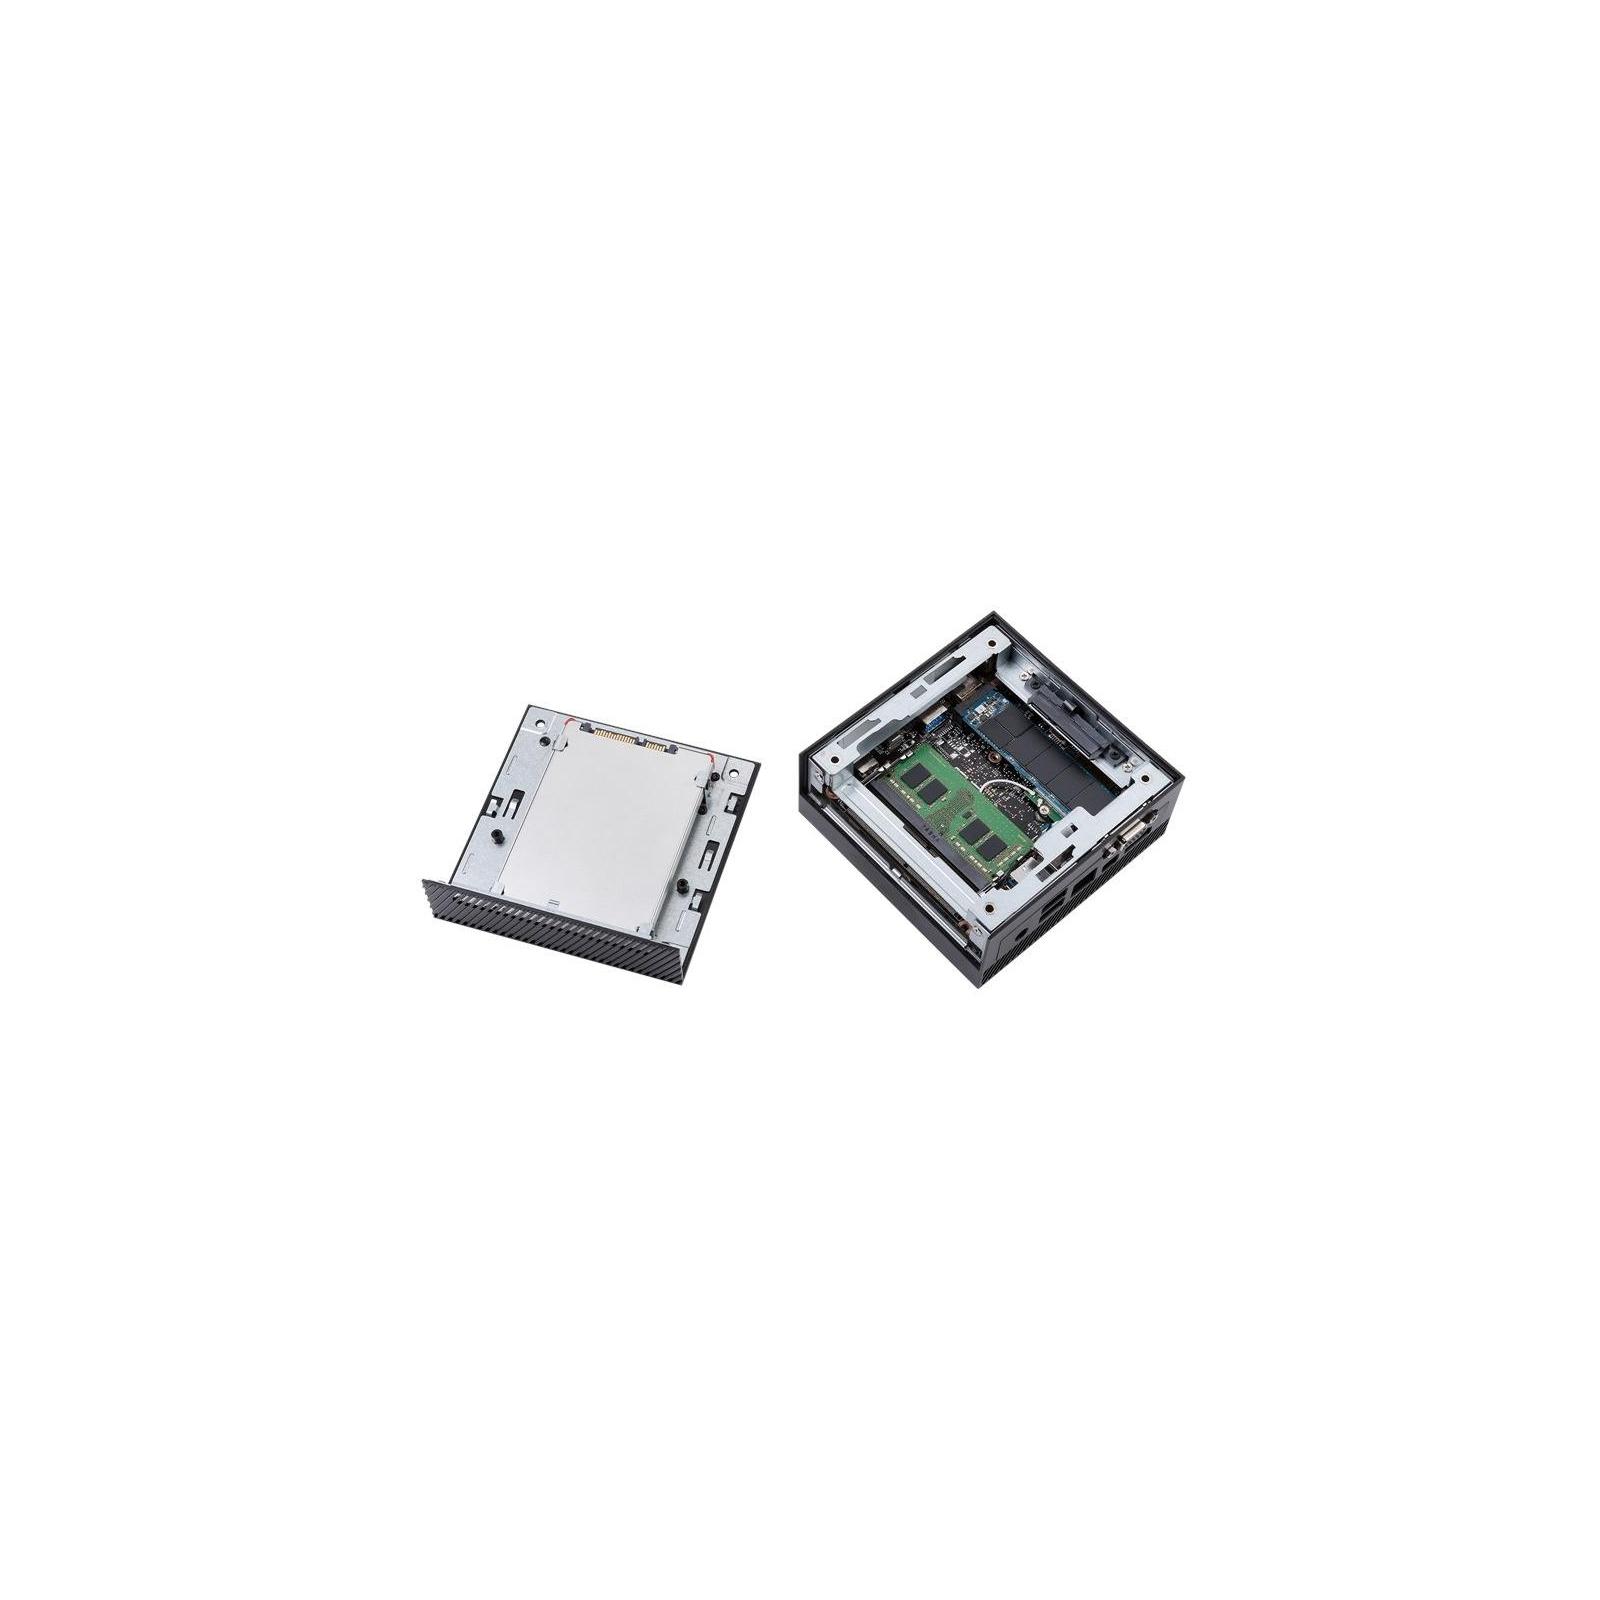 Компьютер ASUS PN40-BB009MC (90MS0181-M01480) изображение 10